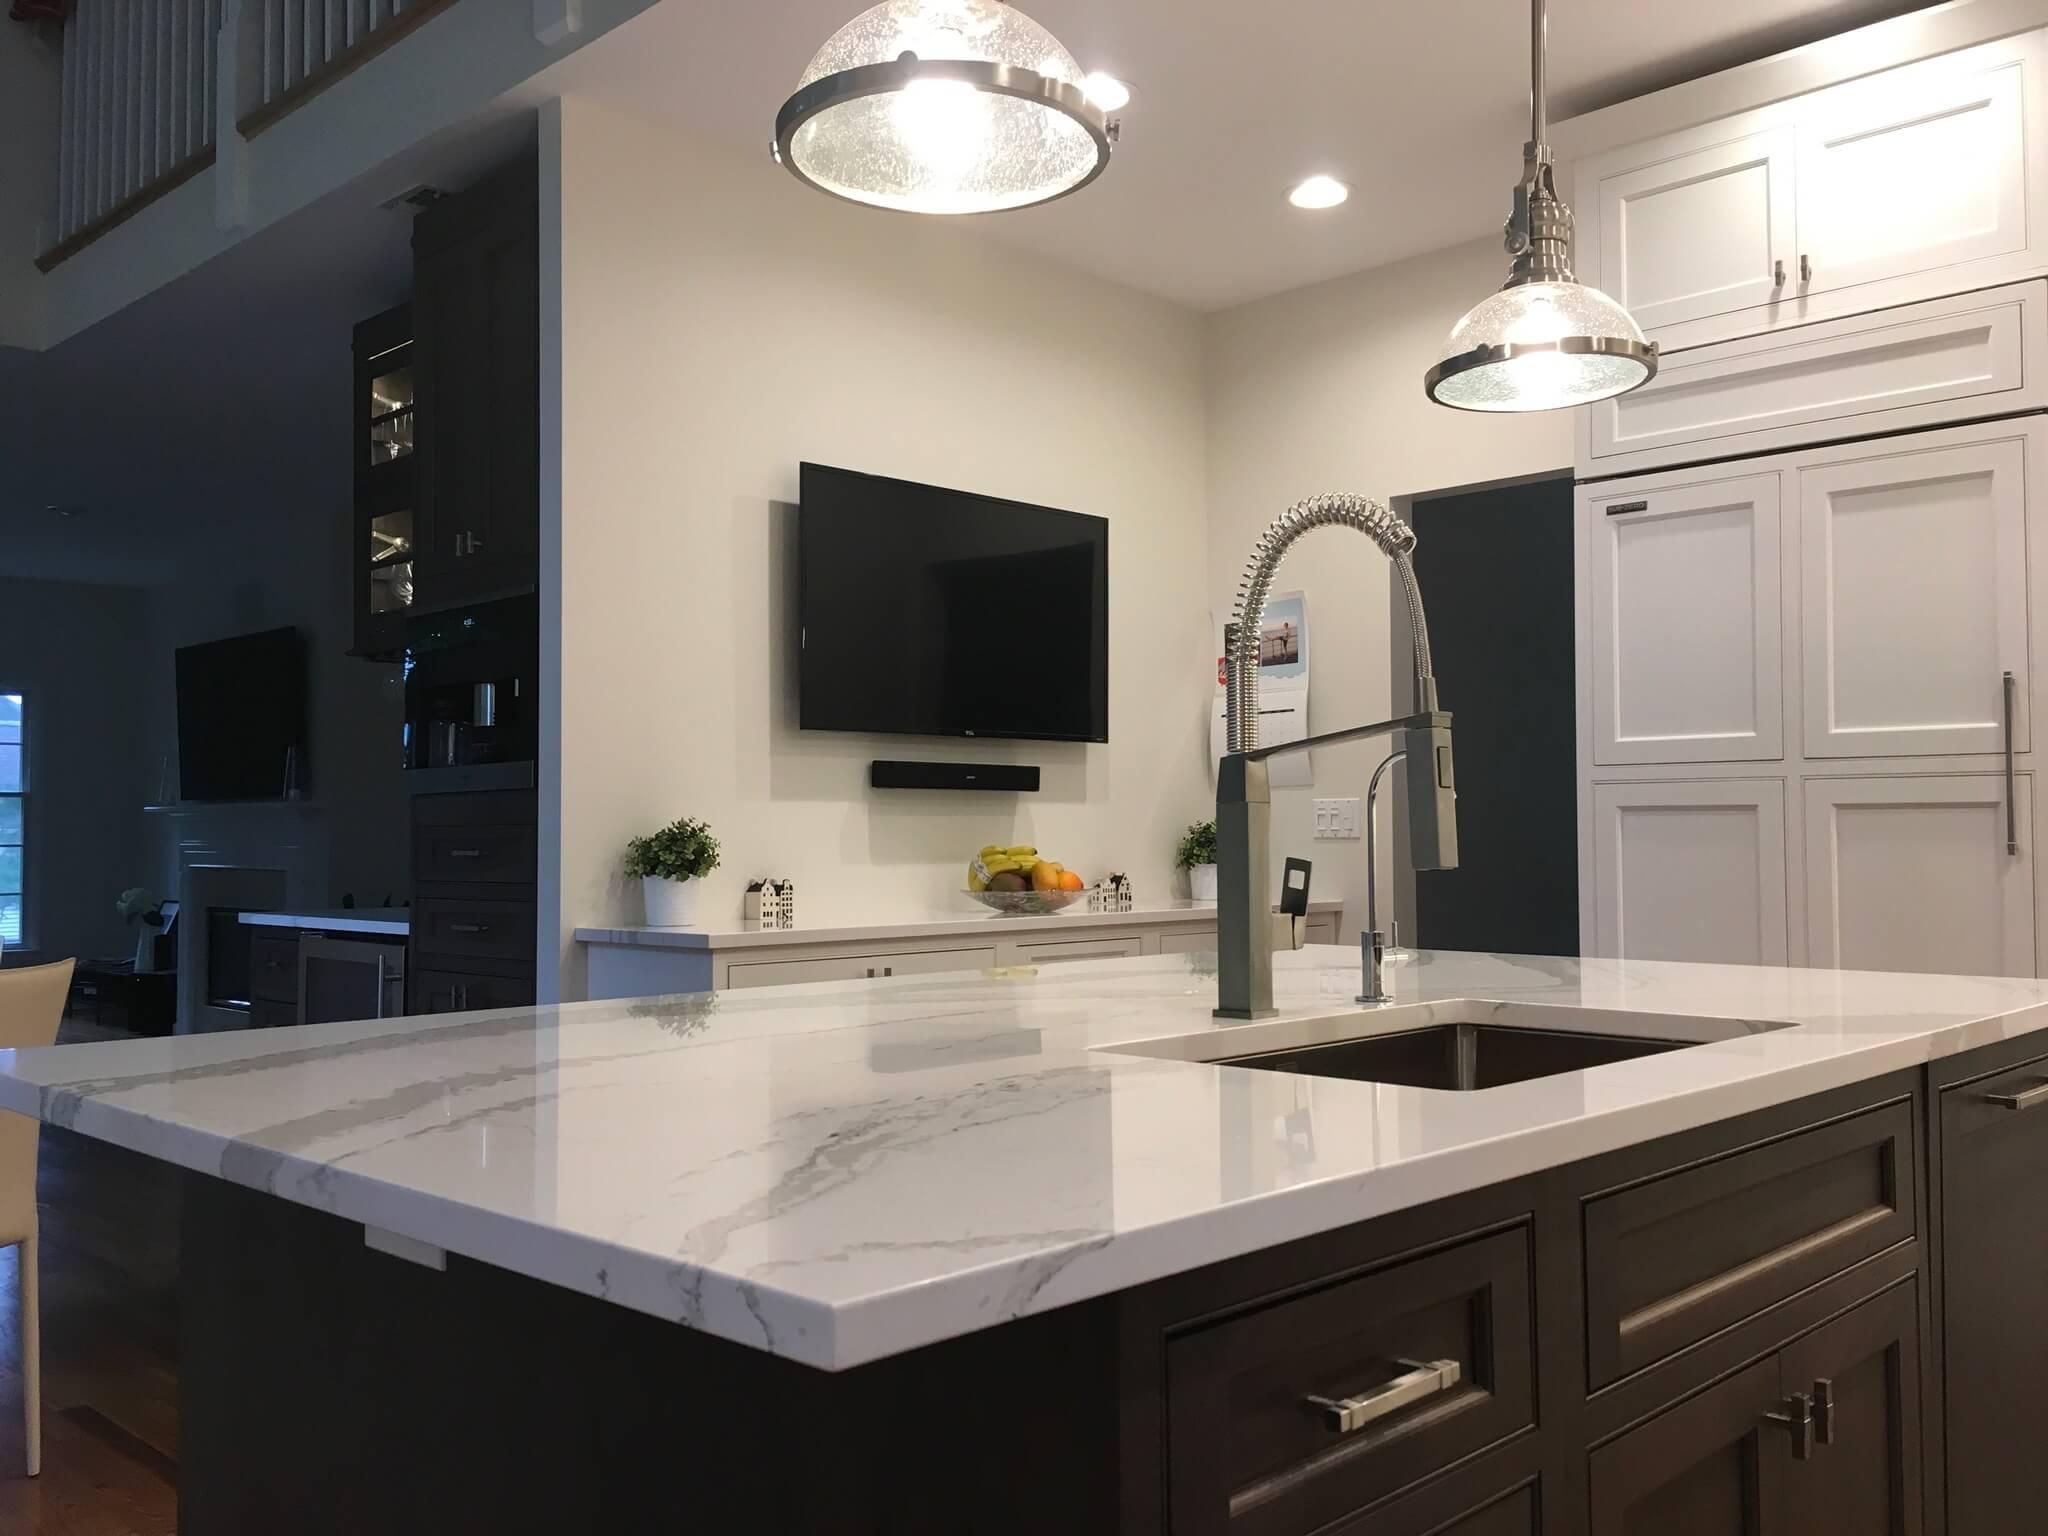 stylekb-kitchen-sinks